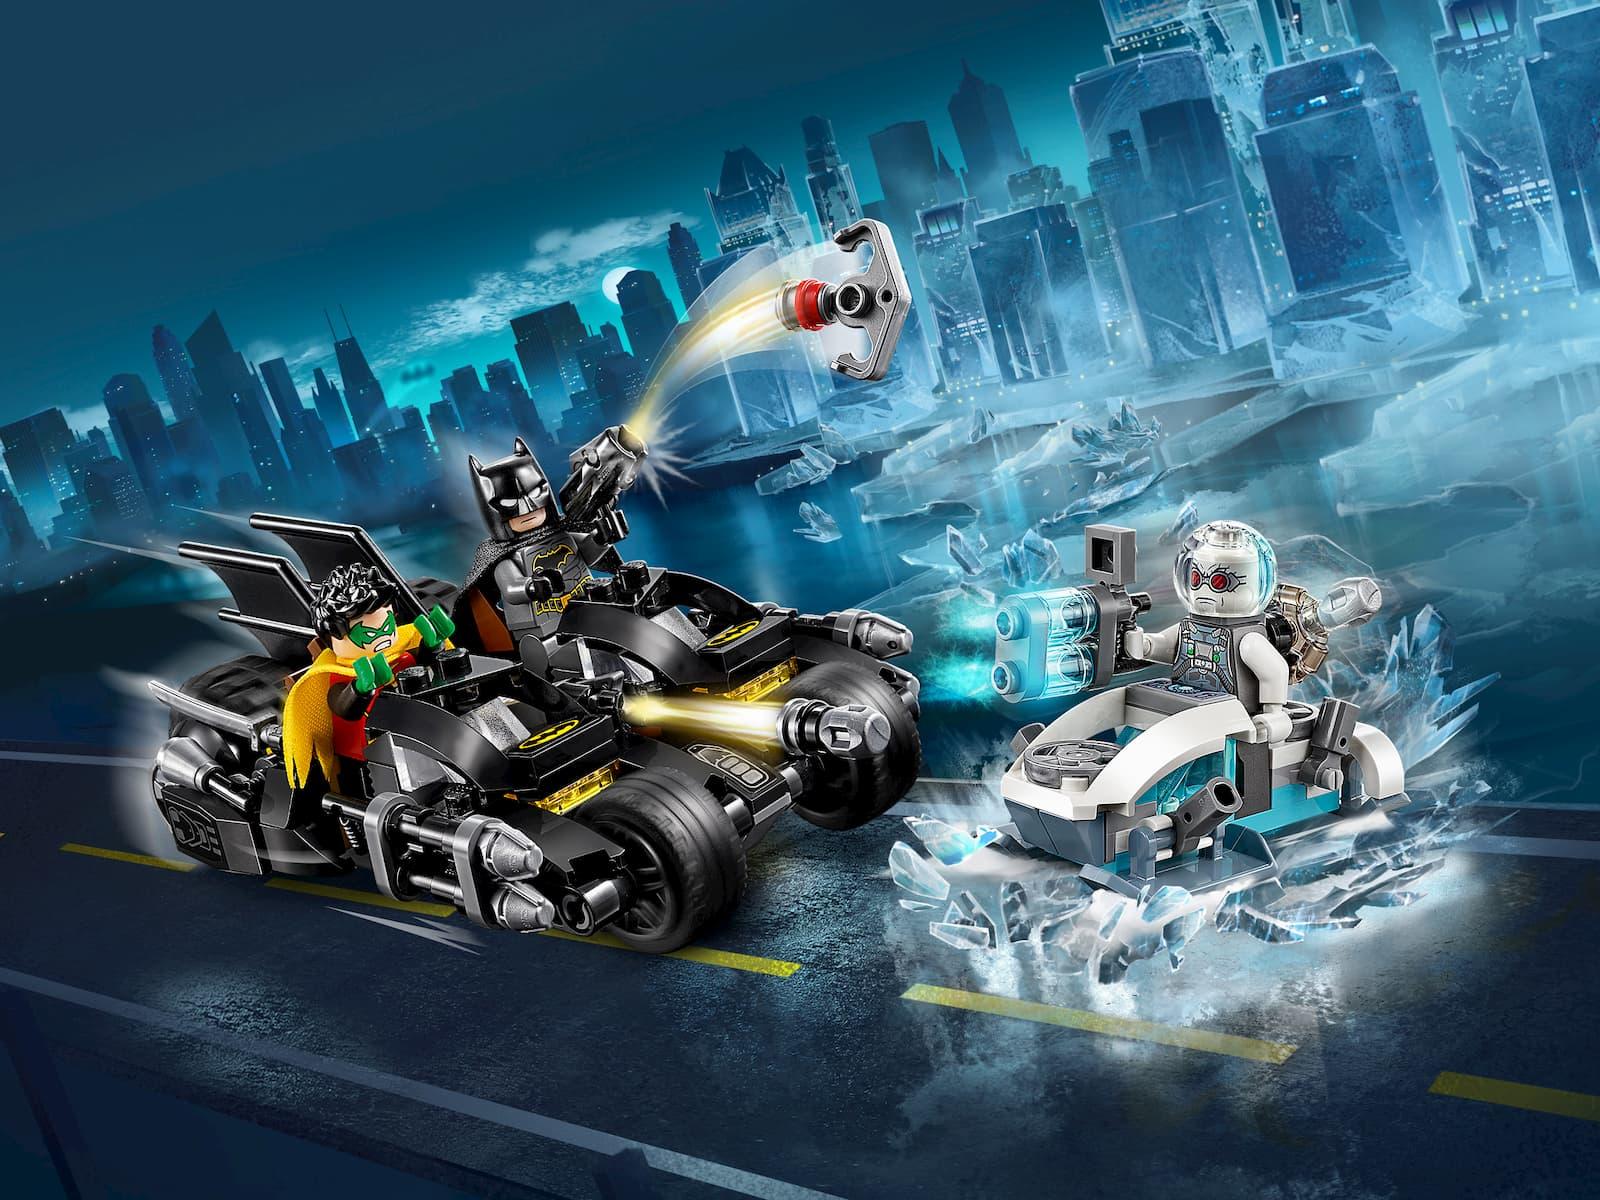 Конструктор Lari «Гонка на мотоциклах с Мистером Фризом» 11350 (Super Heroes 76118) / 216 деталей